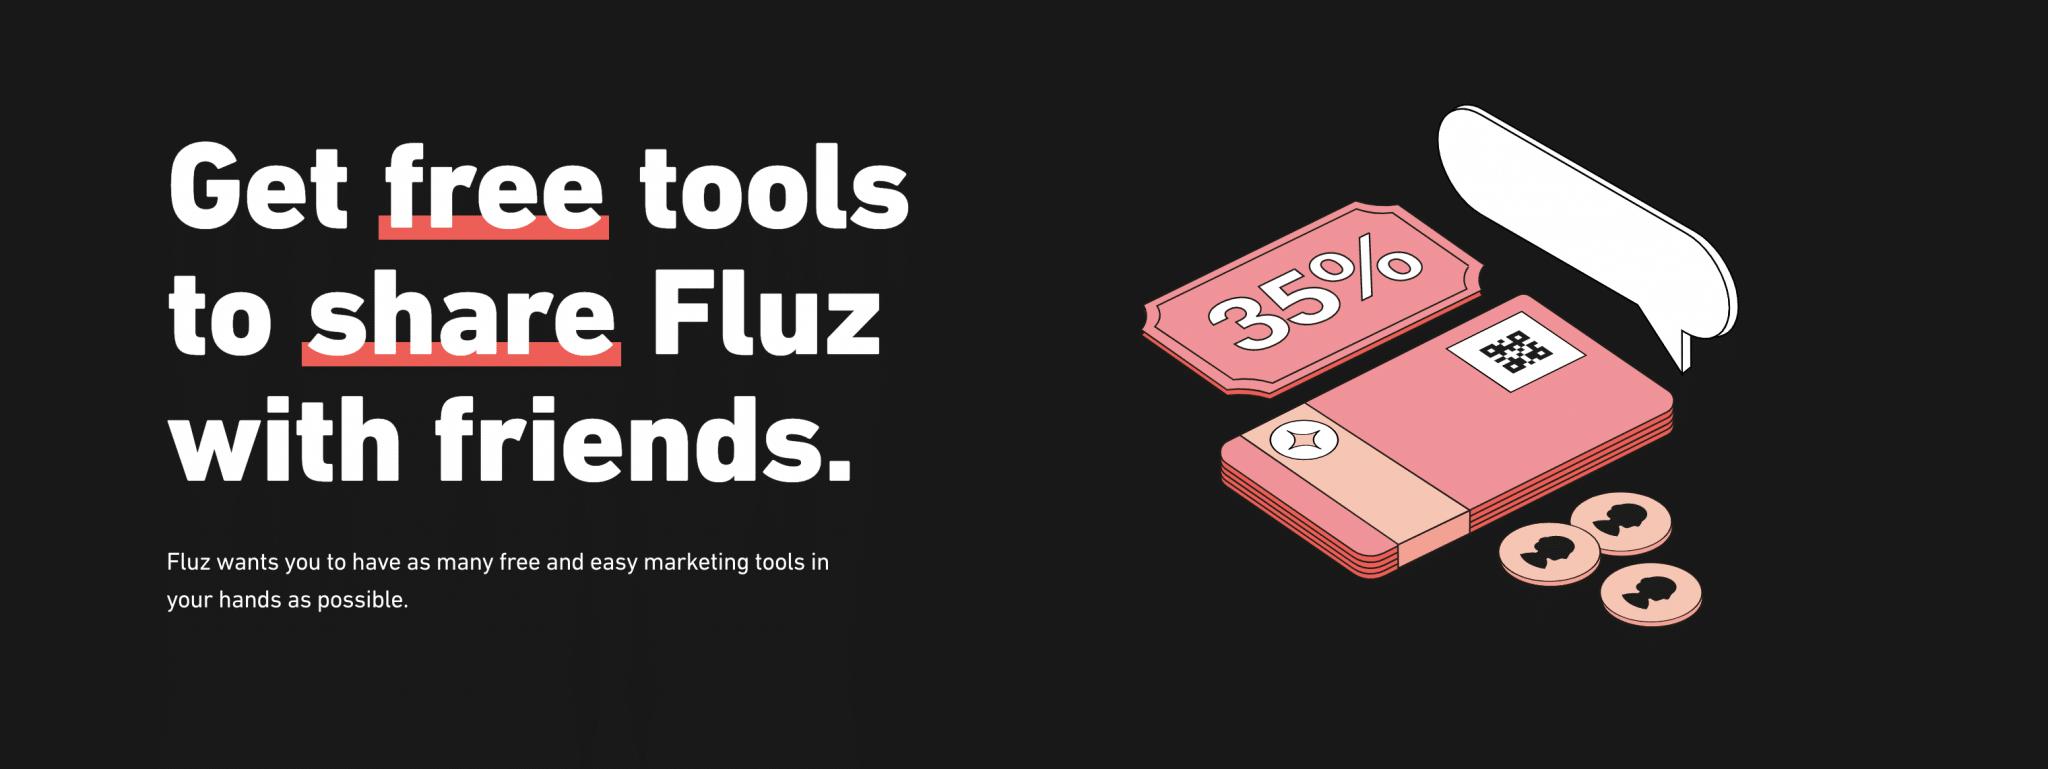 Fluz cash back Marketing Tools